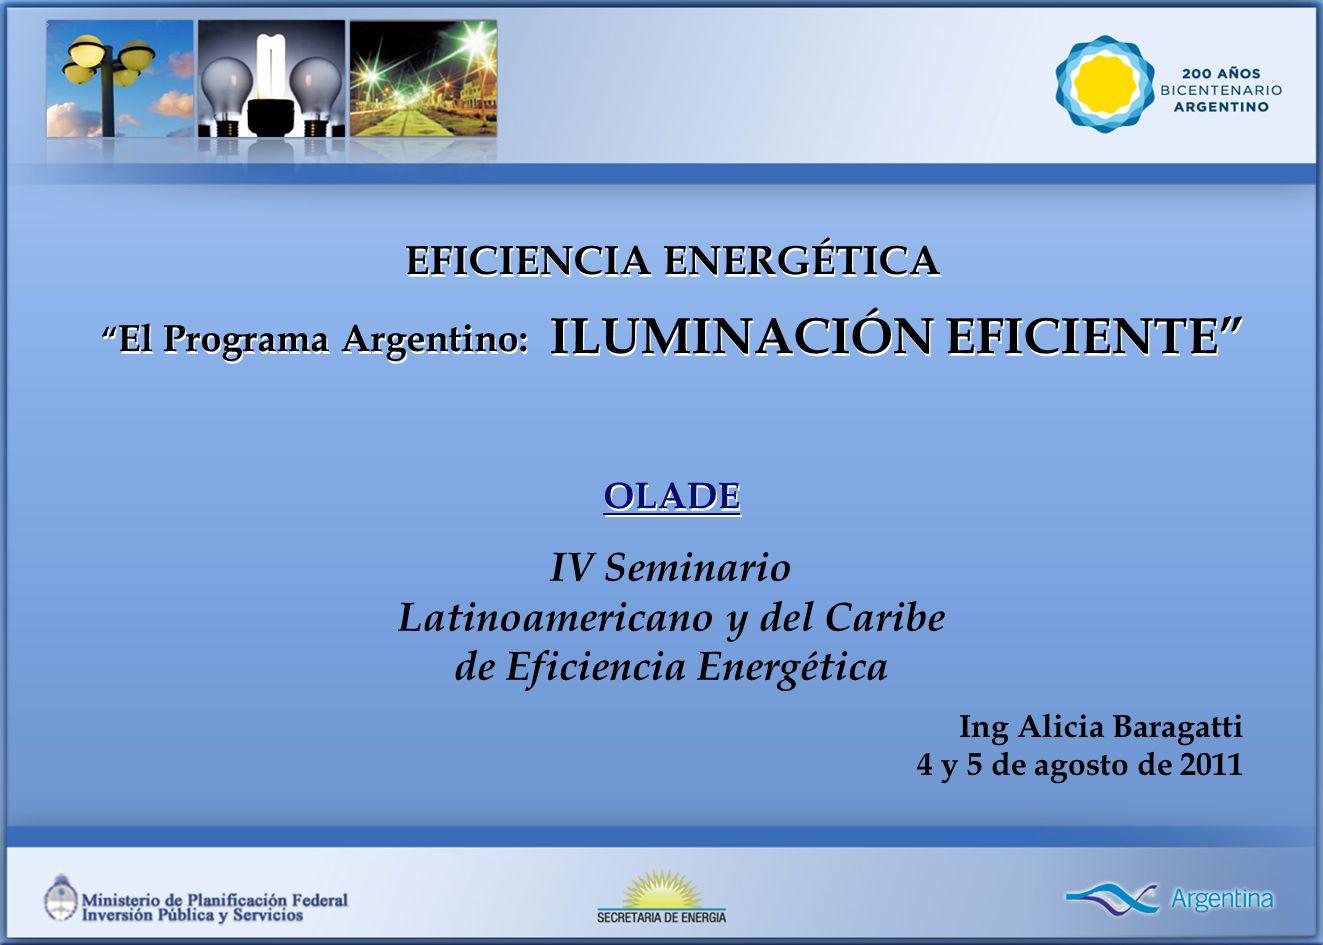 IV Seminario Latinoamericano y del Caribe de Eficiencia Energética EFICIENCIA ENERGÉTICA El Programa Argentino: ILUMINACIÓN EFICIENTE OLADE EFICIENCIA ENERGÉTICA El Programa Argentino: ILUMINACIÓN EFICIENTE OLADE Ing Alicia Baragatti 4 y 5 de agosto de 2011